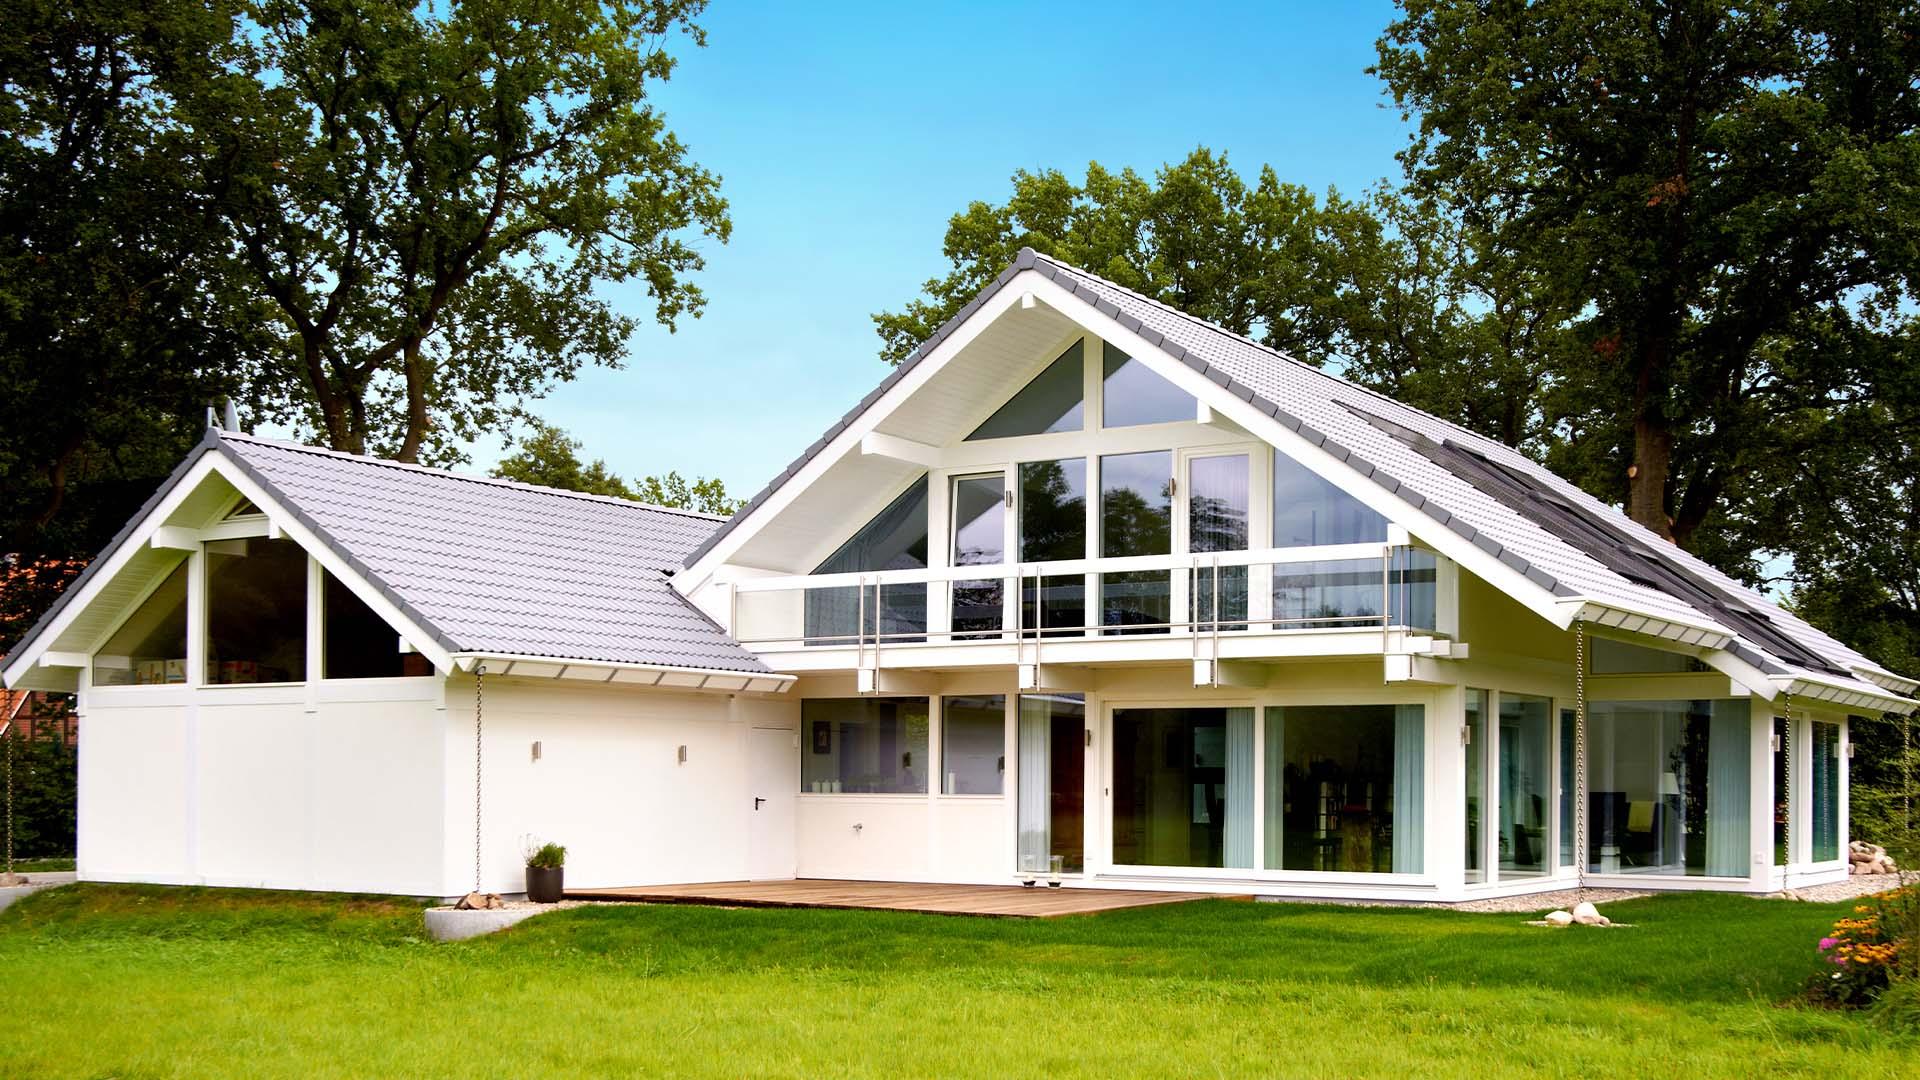 Detmolder Fachwerkhaus – Anbauten und Umbauten 02